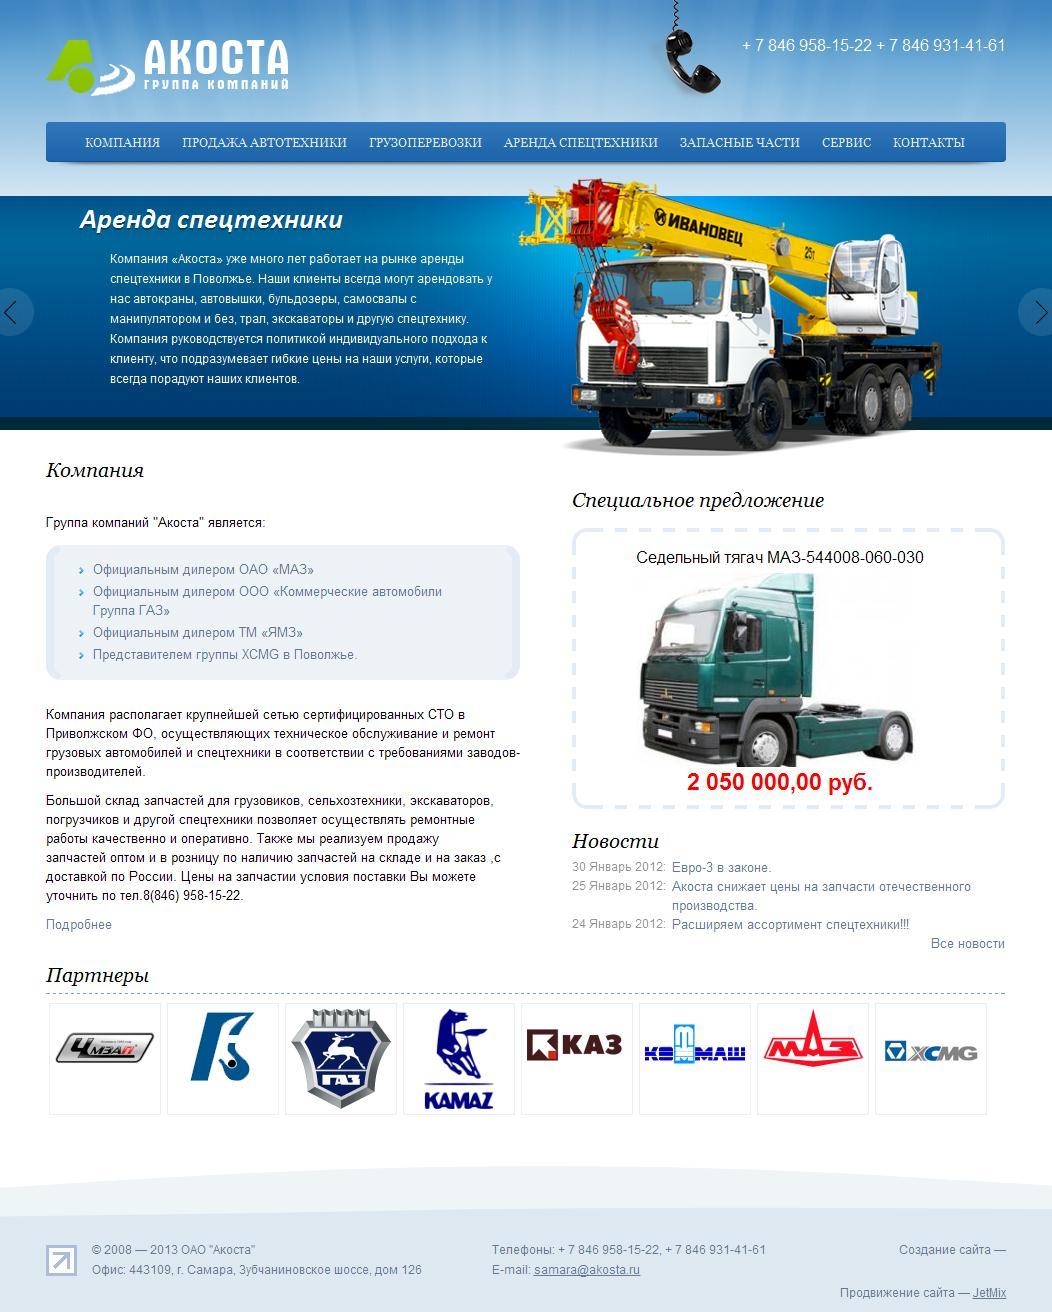 Продажа грузовиков и спецтехники. ТО и ремонт в сети СТО. Грузоперевозки по России